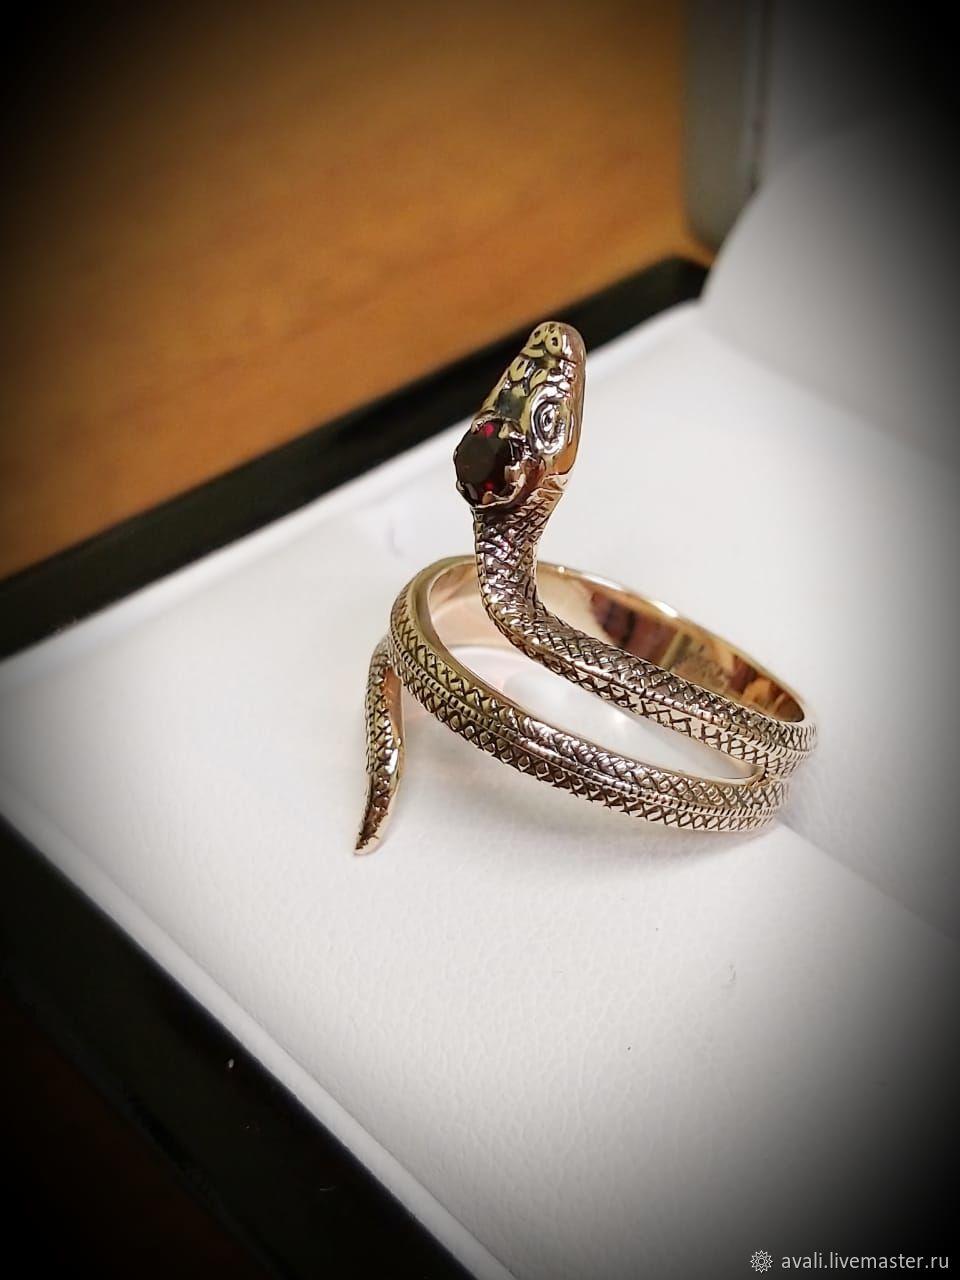 кольцо змейка картинки обволакивает